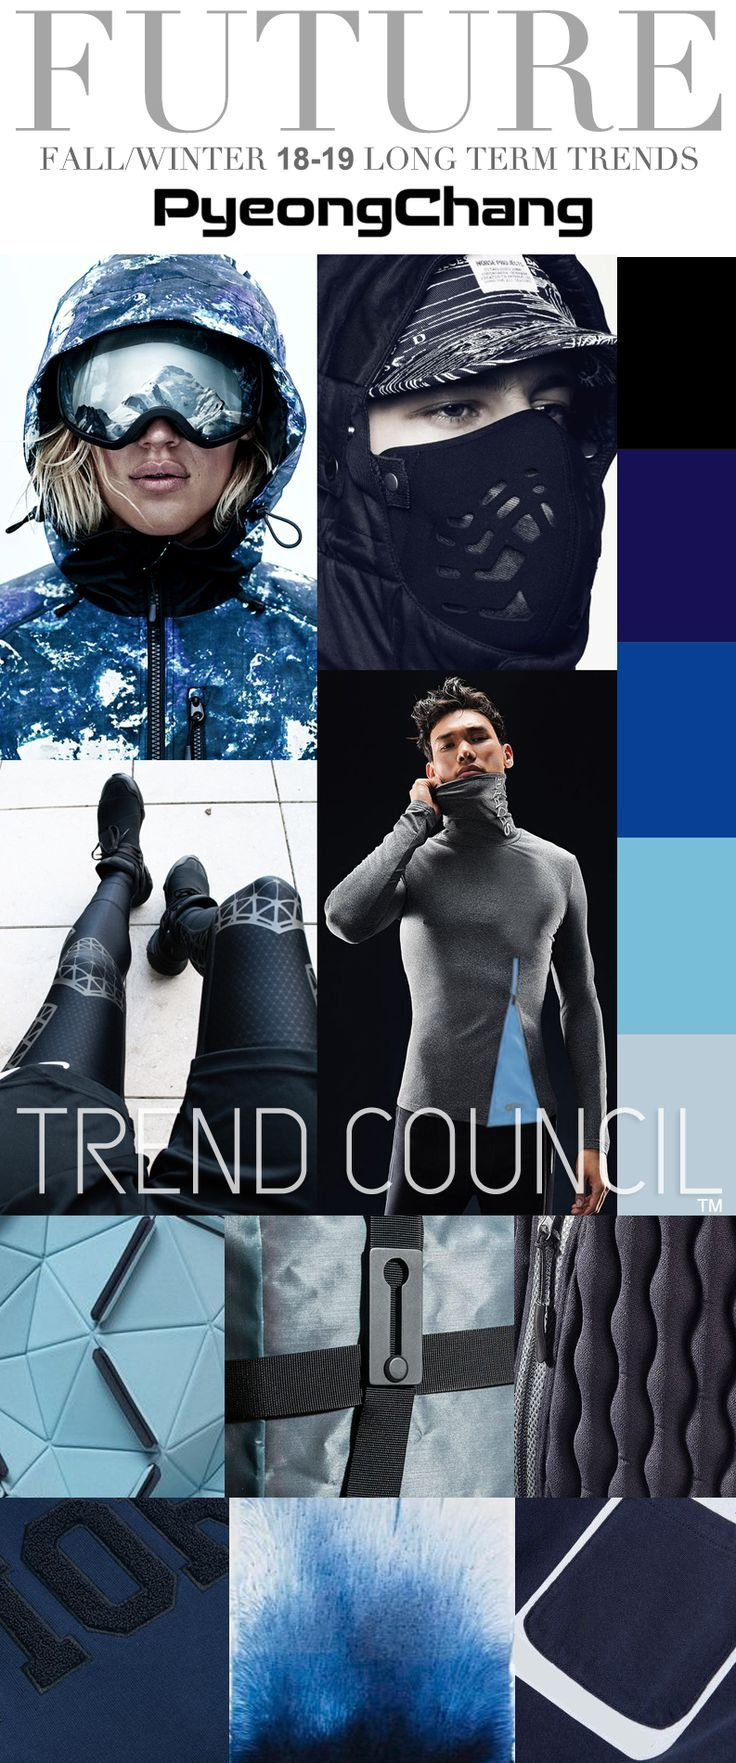 Resultado de imagem para trend council f/w 18-19